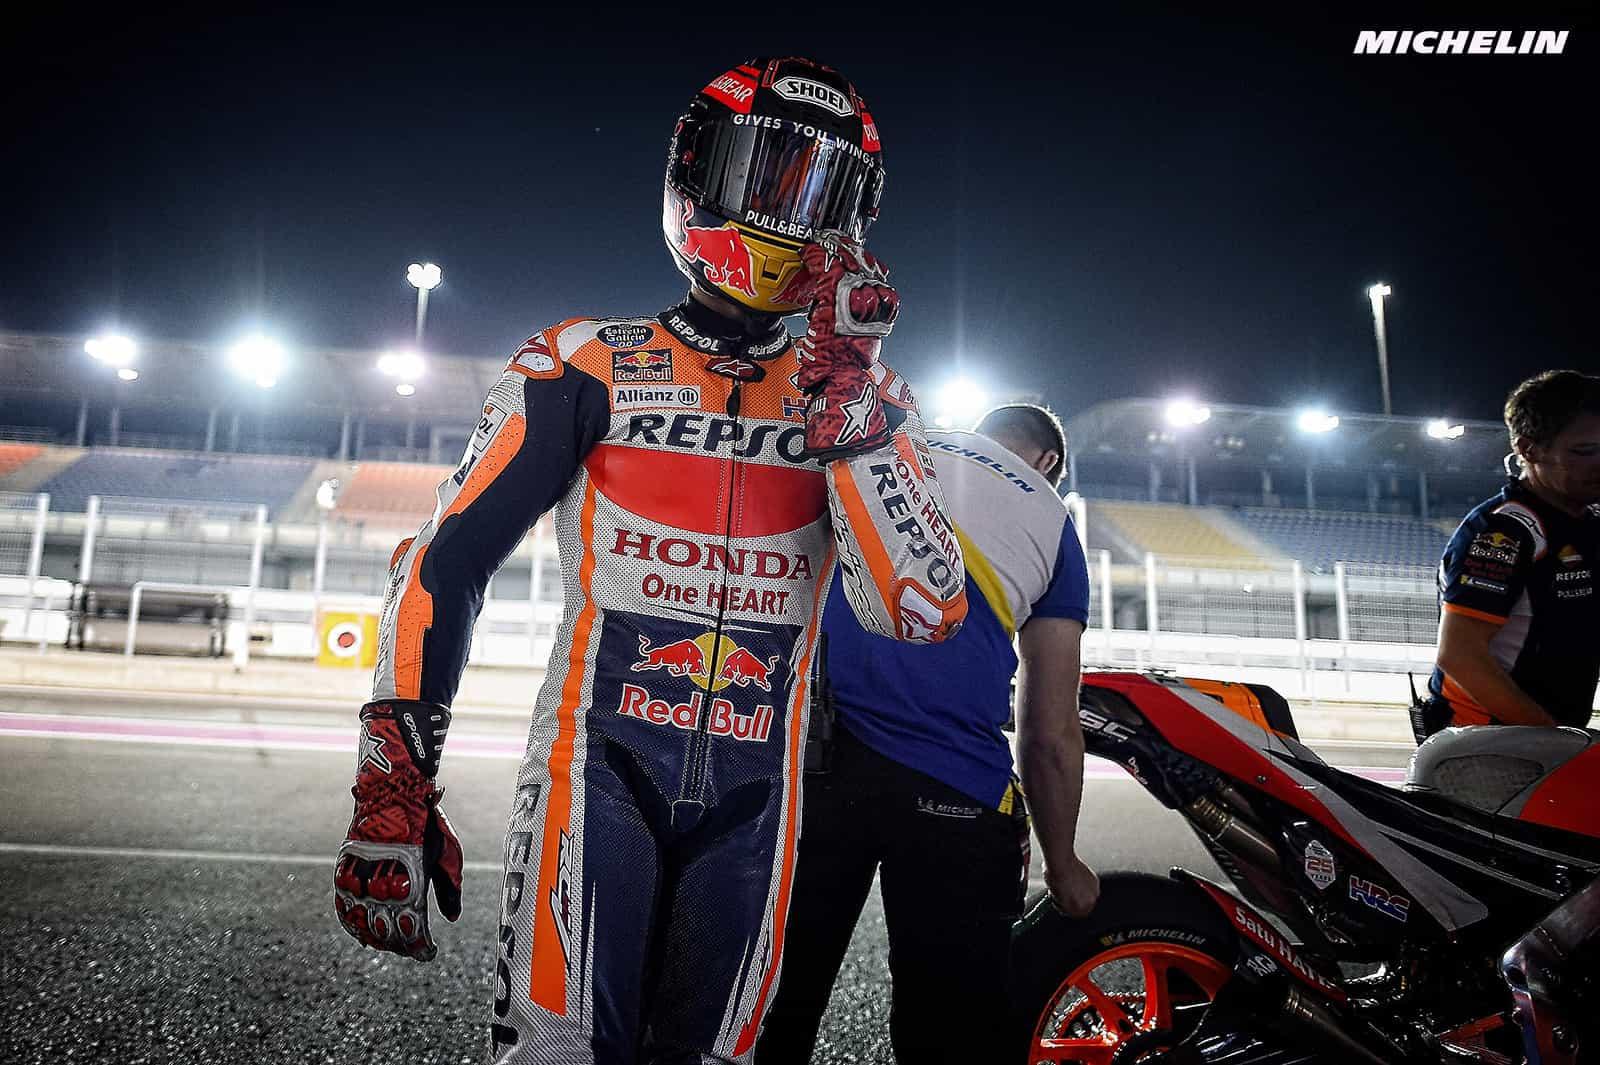 マルク・マルケス「どんなレースでもライダーである限り勝ちたい」